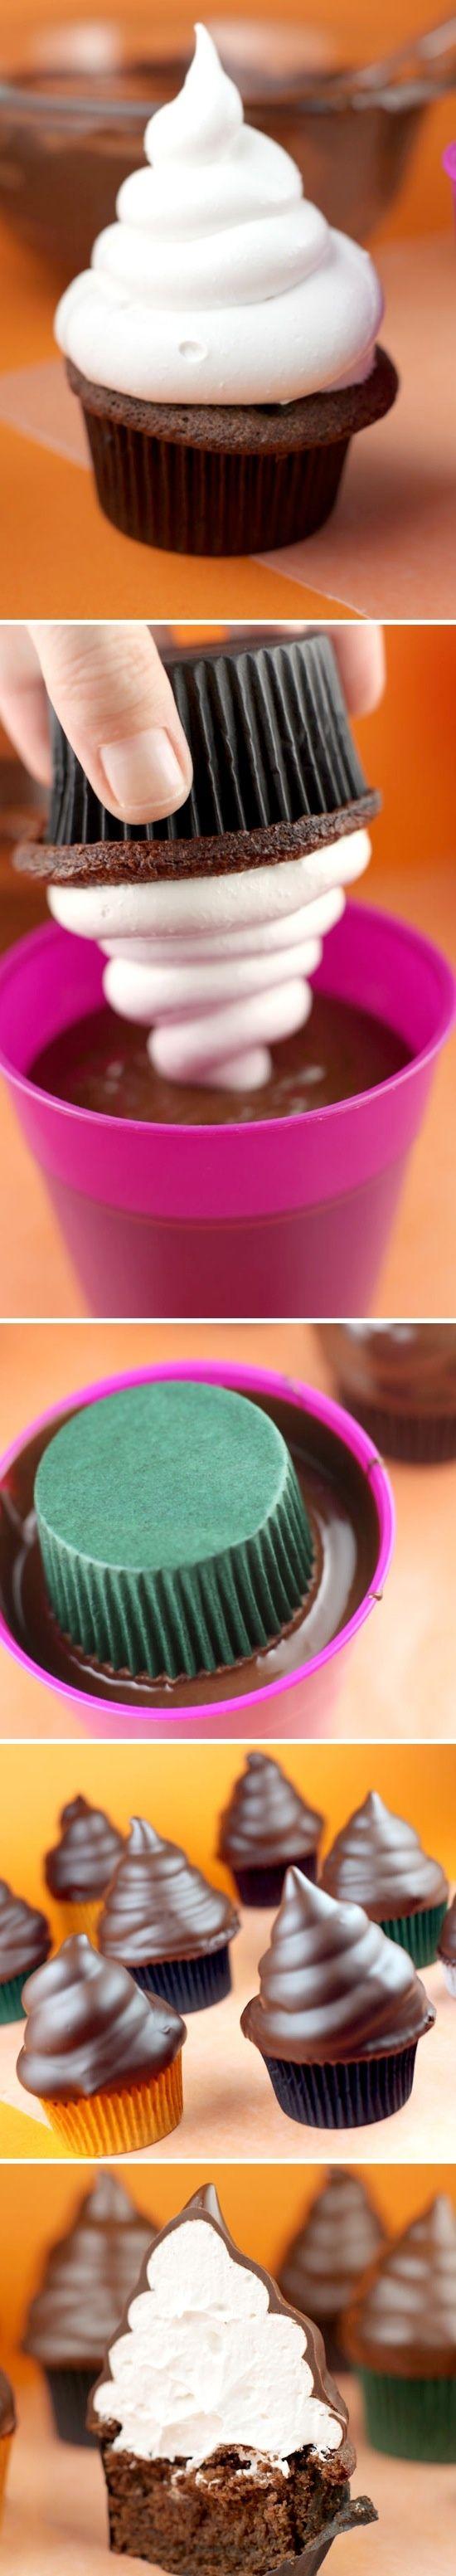 Cupcakes de chocolate. Busca más en http://www.1001consejos.com/